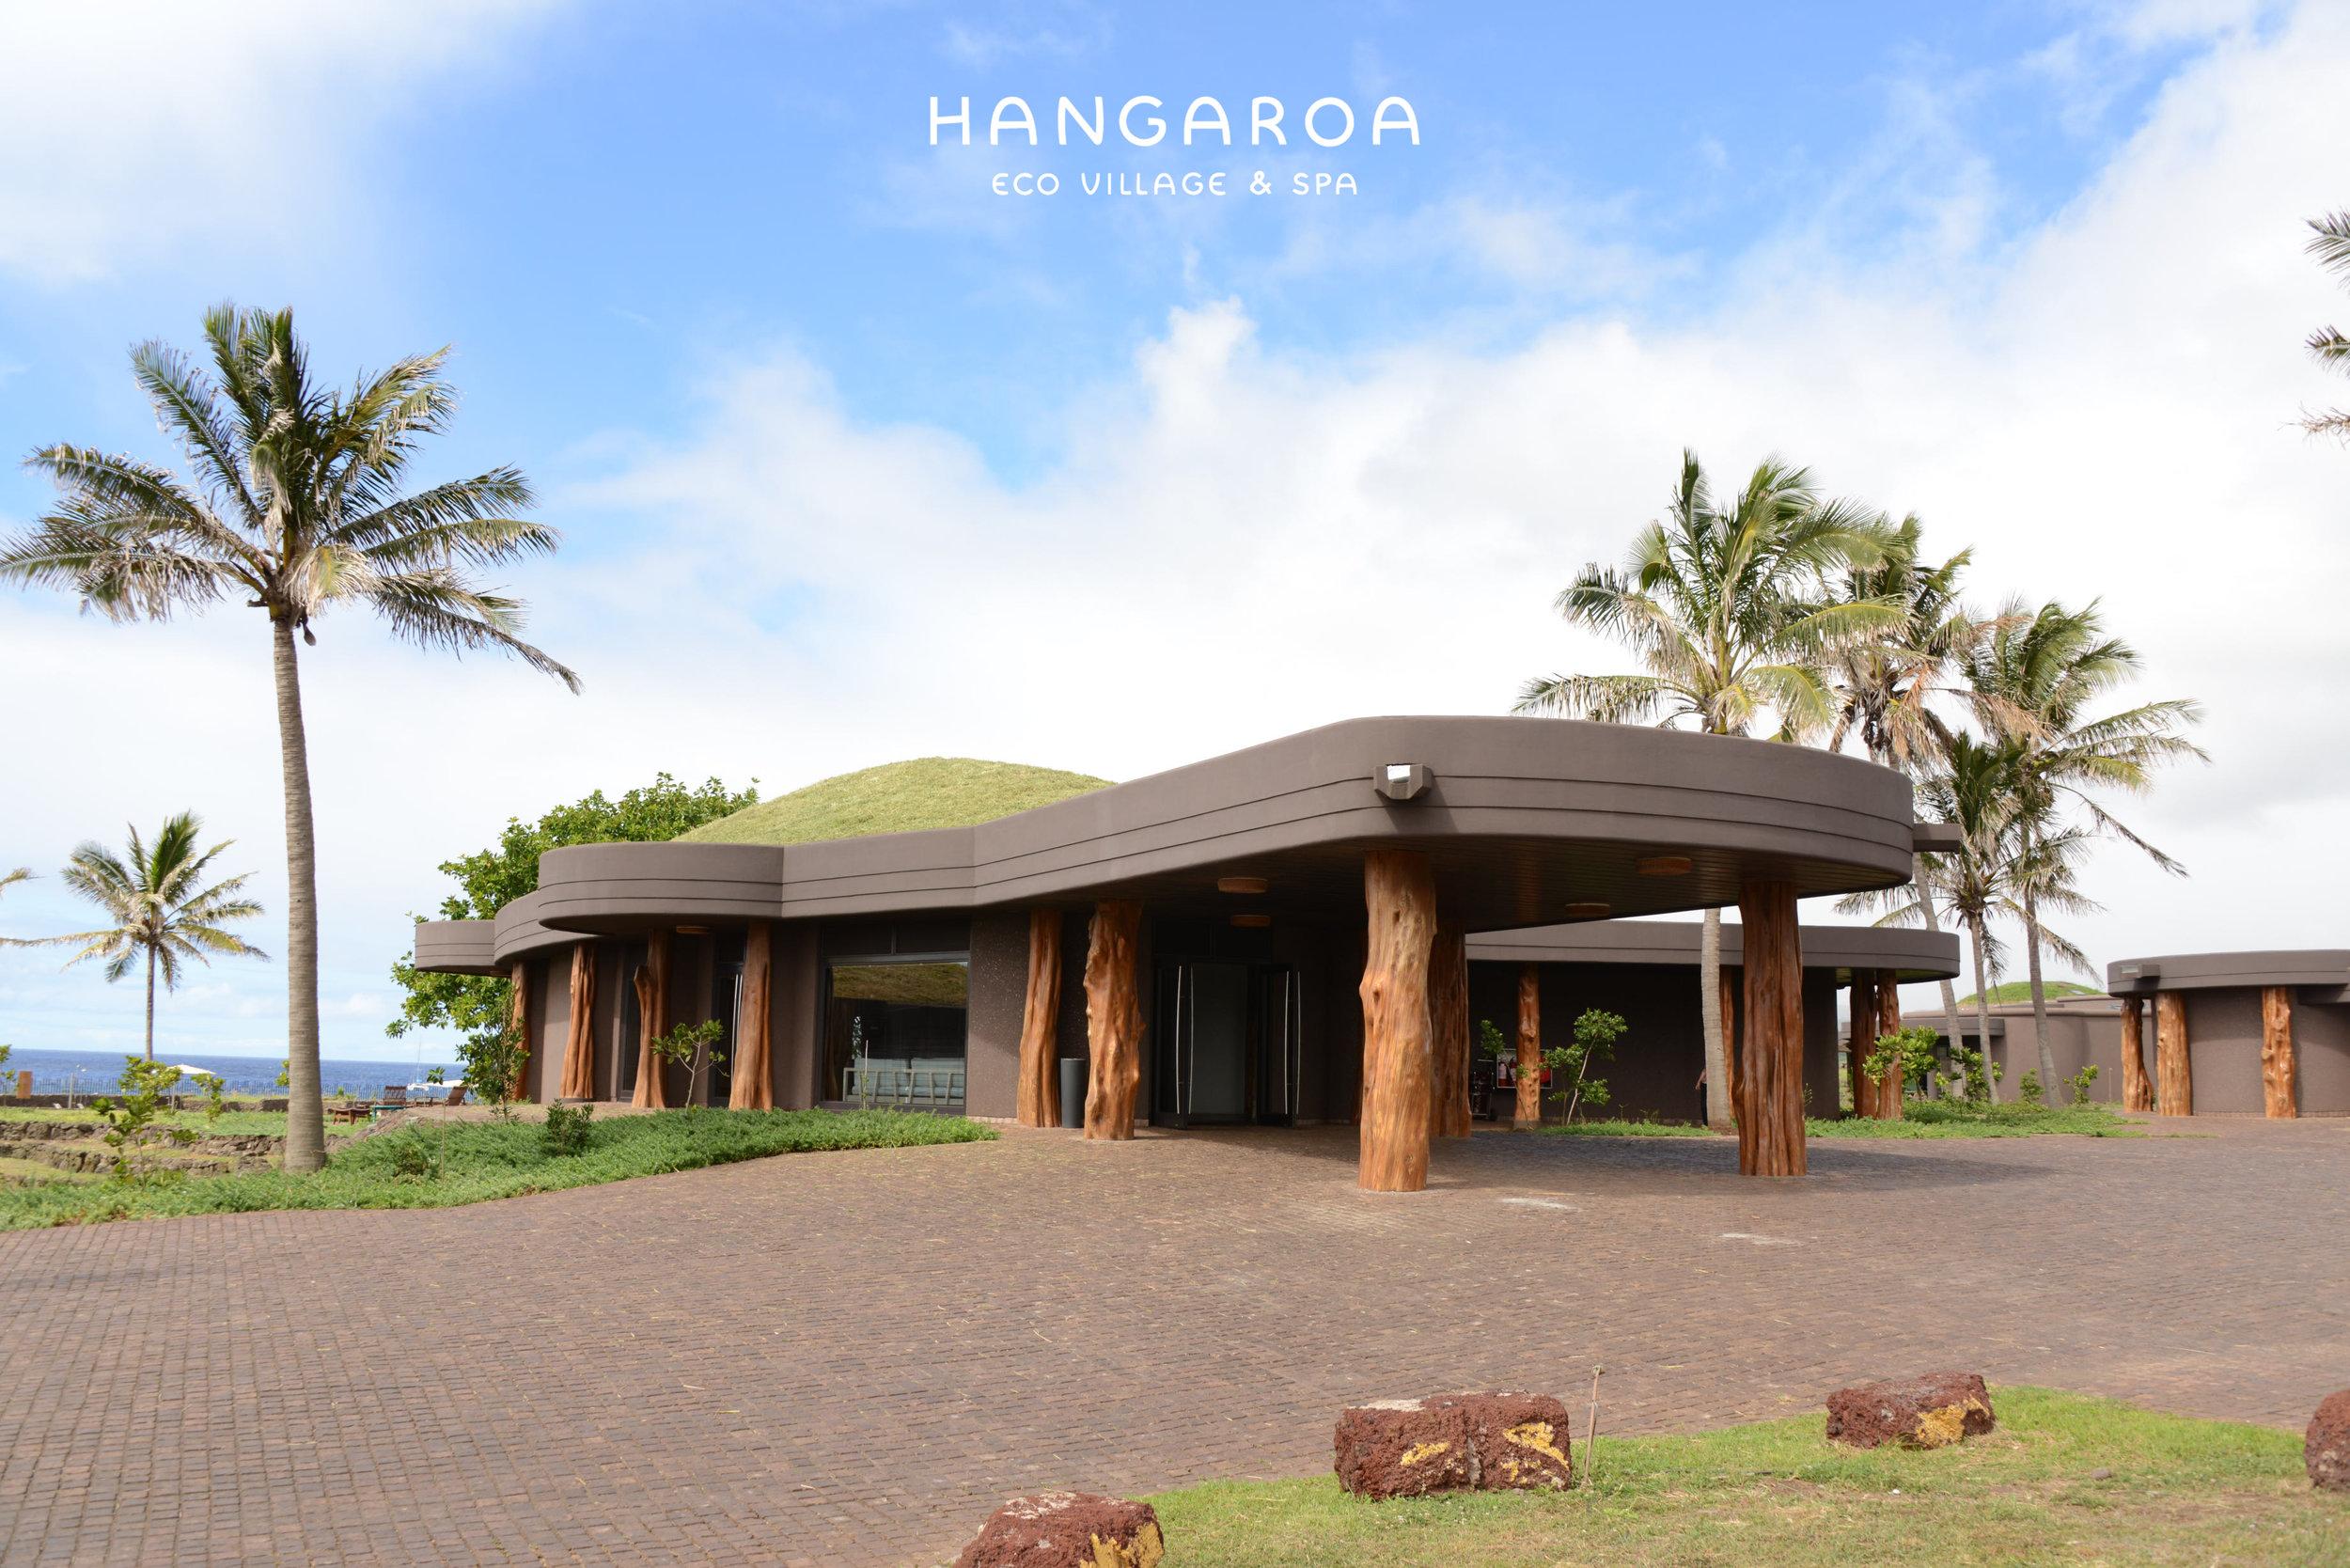 Hanga Roa Eco Village & Spa, Easter Island